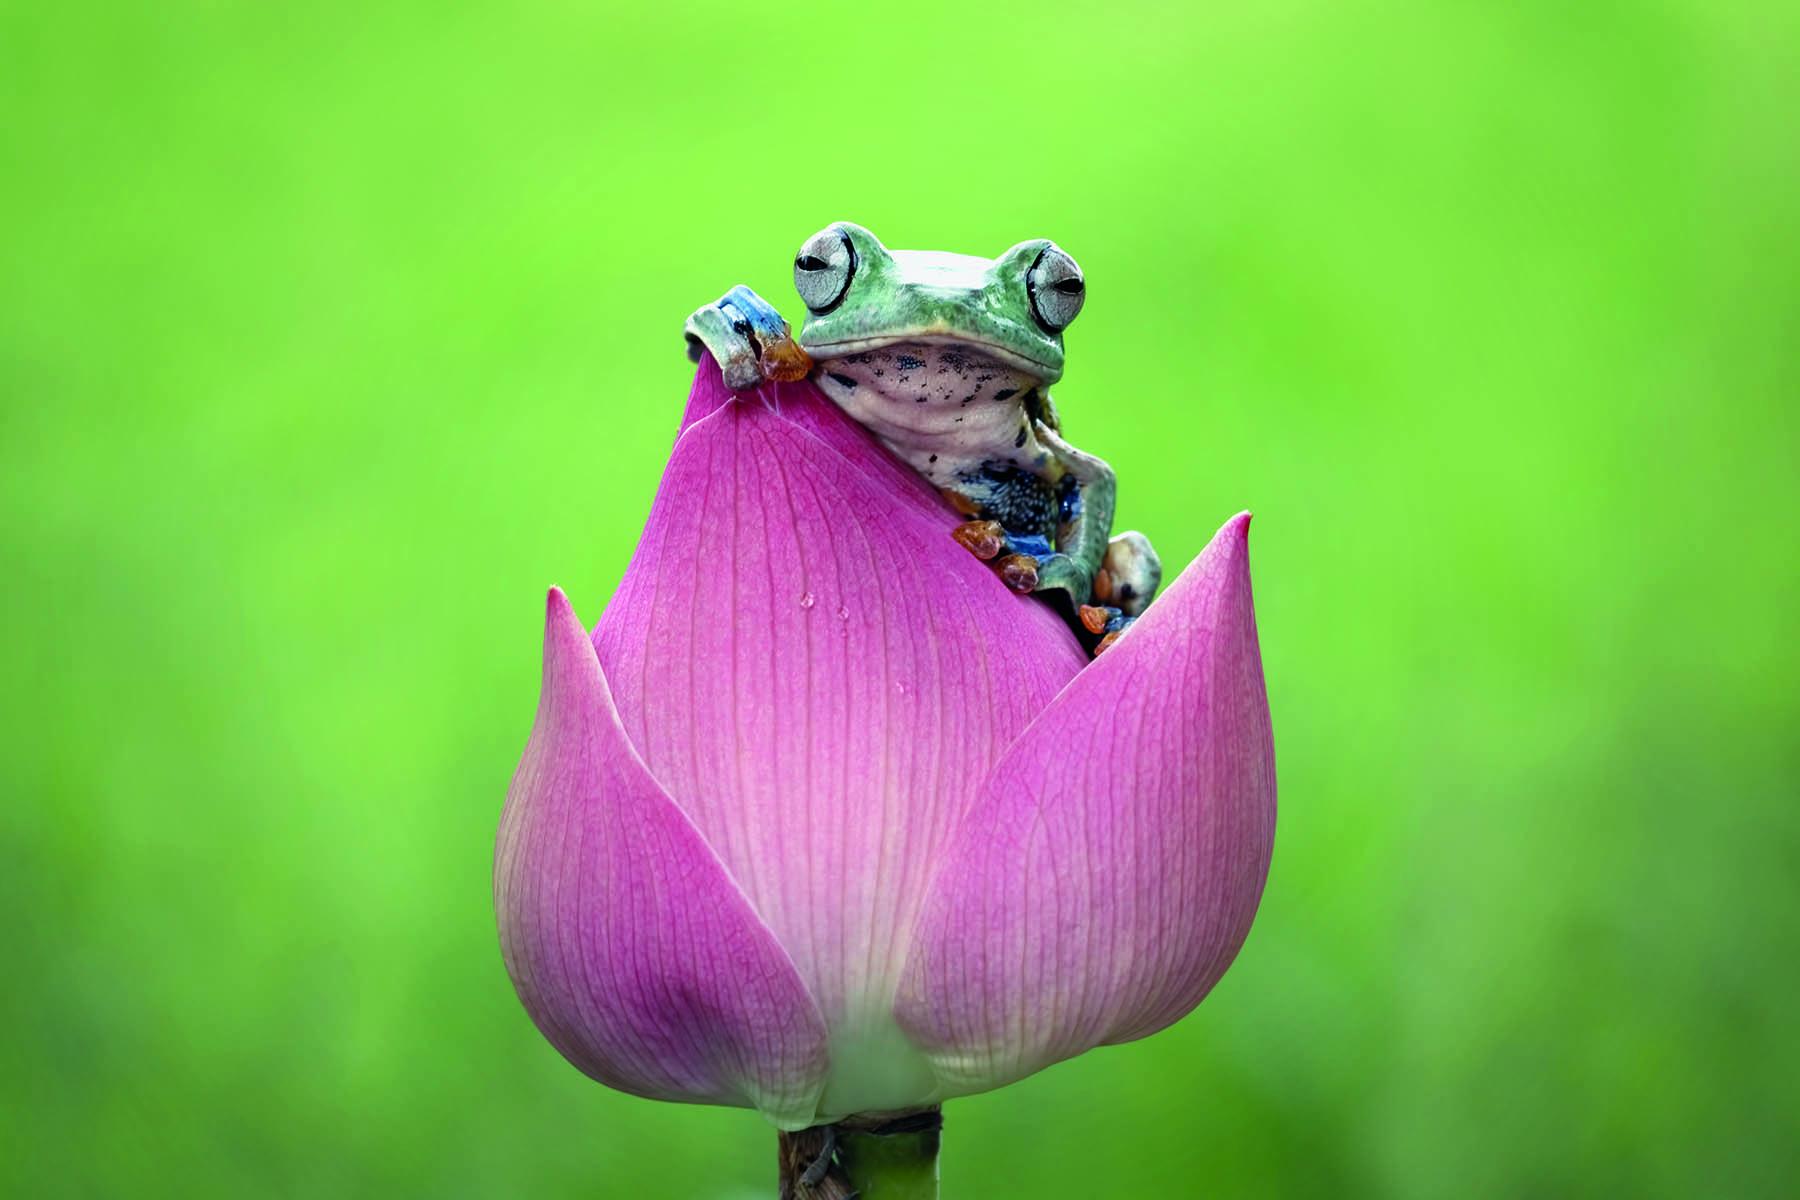 En groda på en lotusblomma